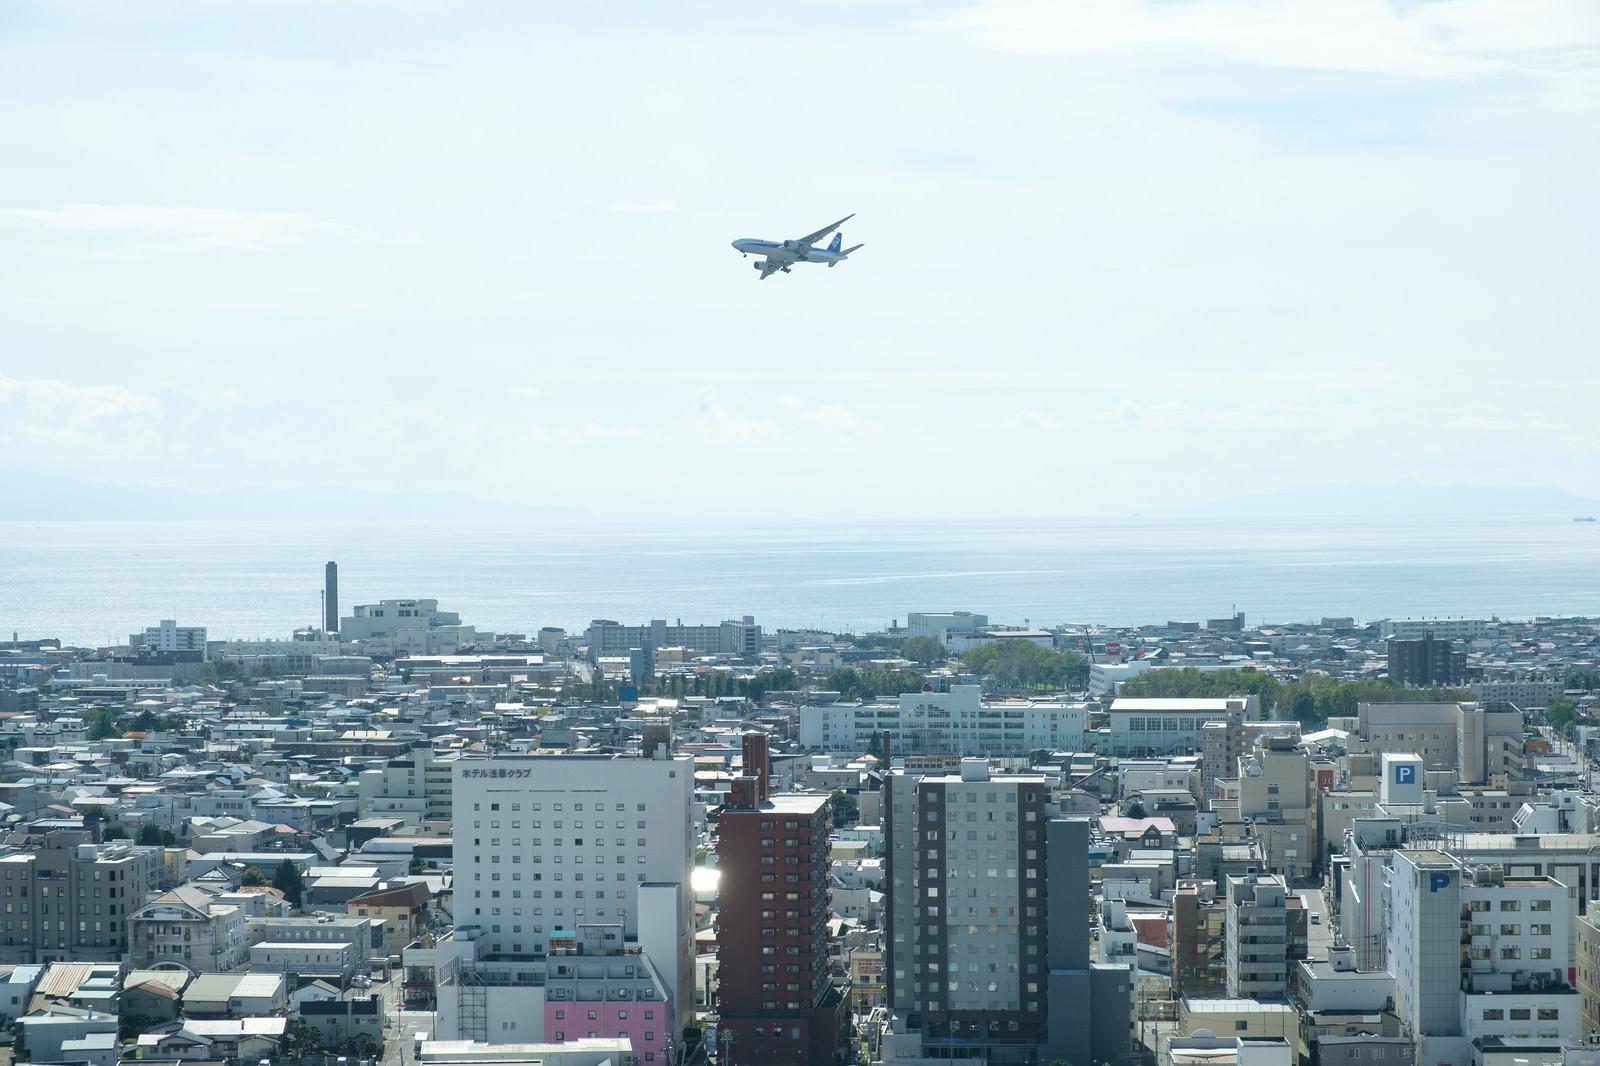 「街の上空を飛ぶ旅客機」の写真